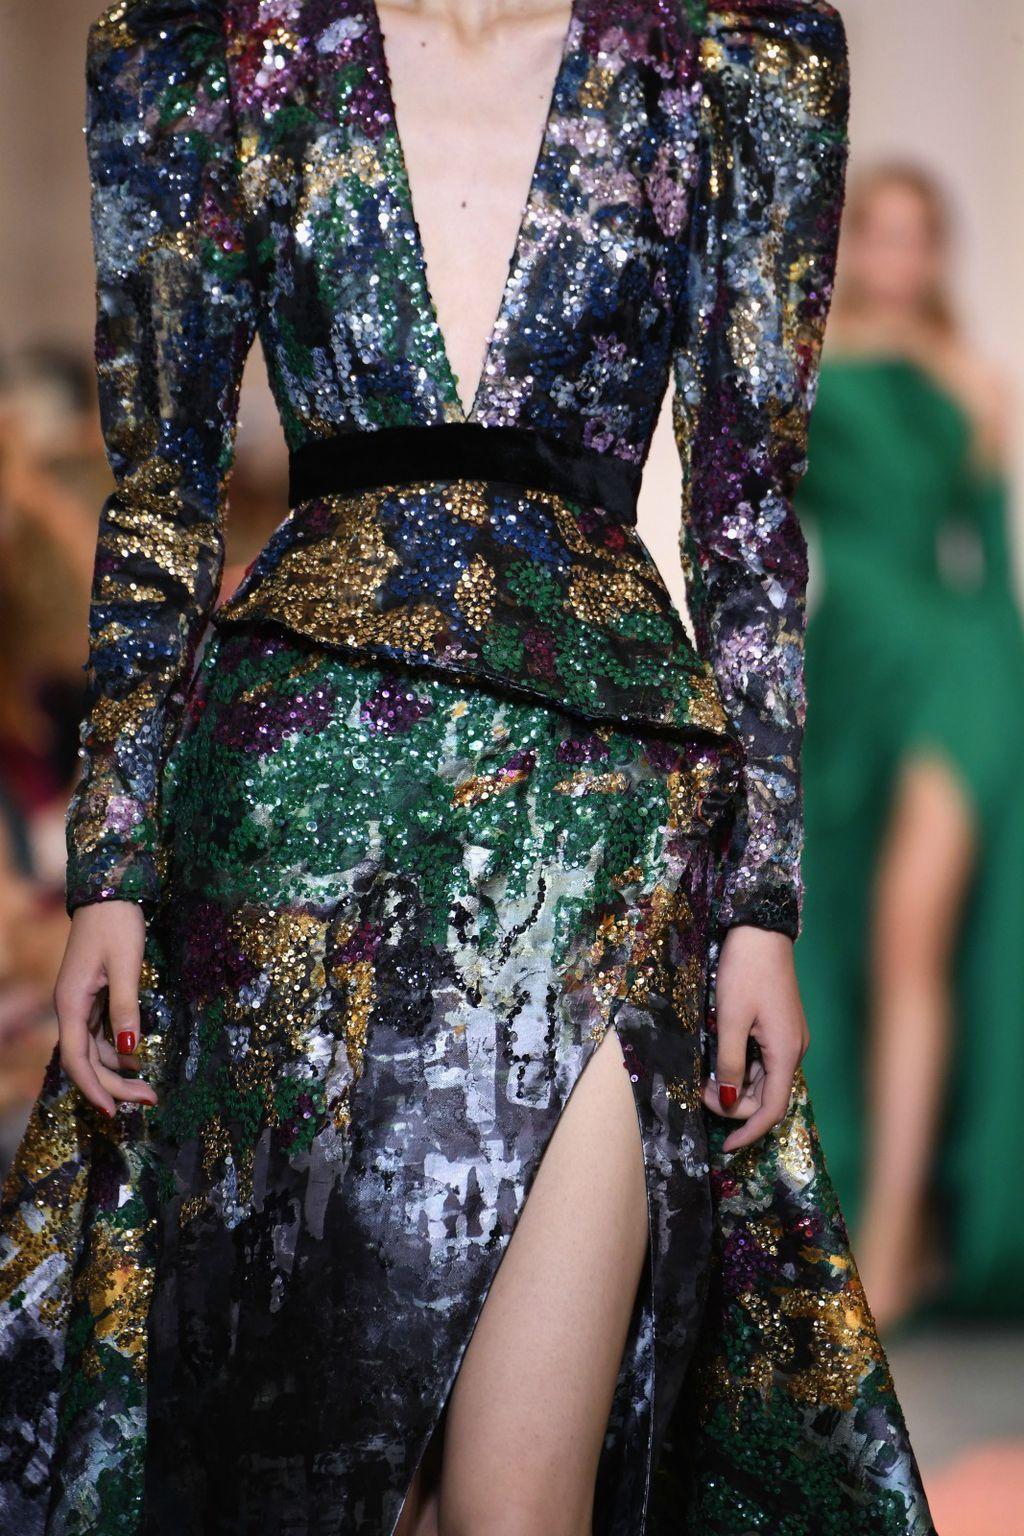 Šljokice u kolekciji modne kuće Elie Saab za jesen/zimu 2018.